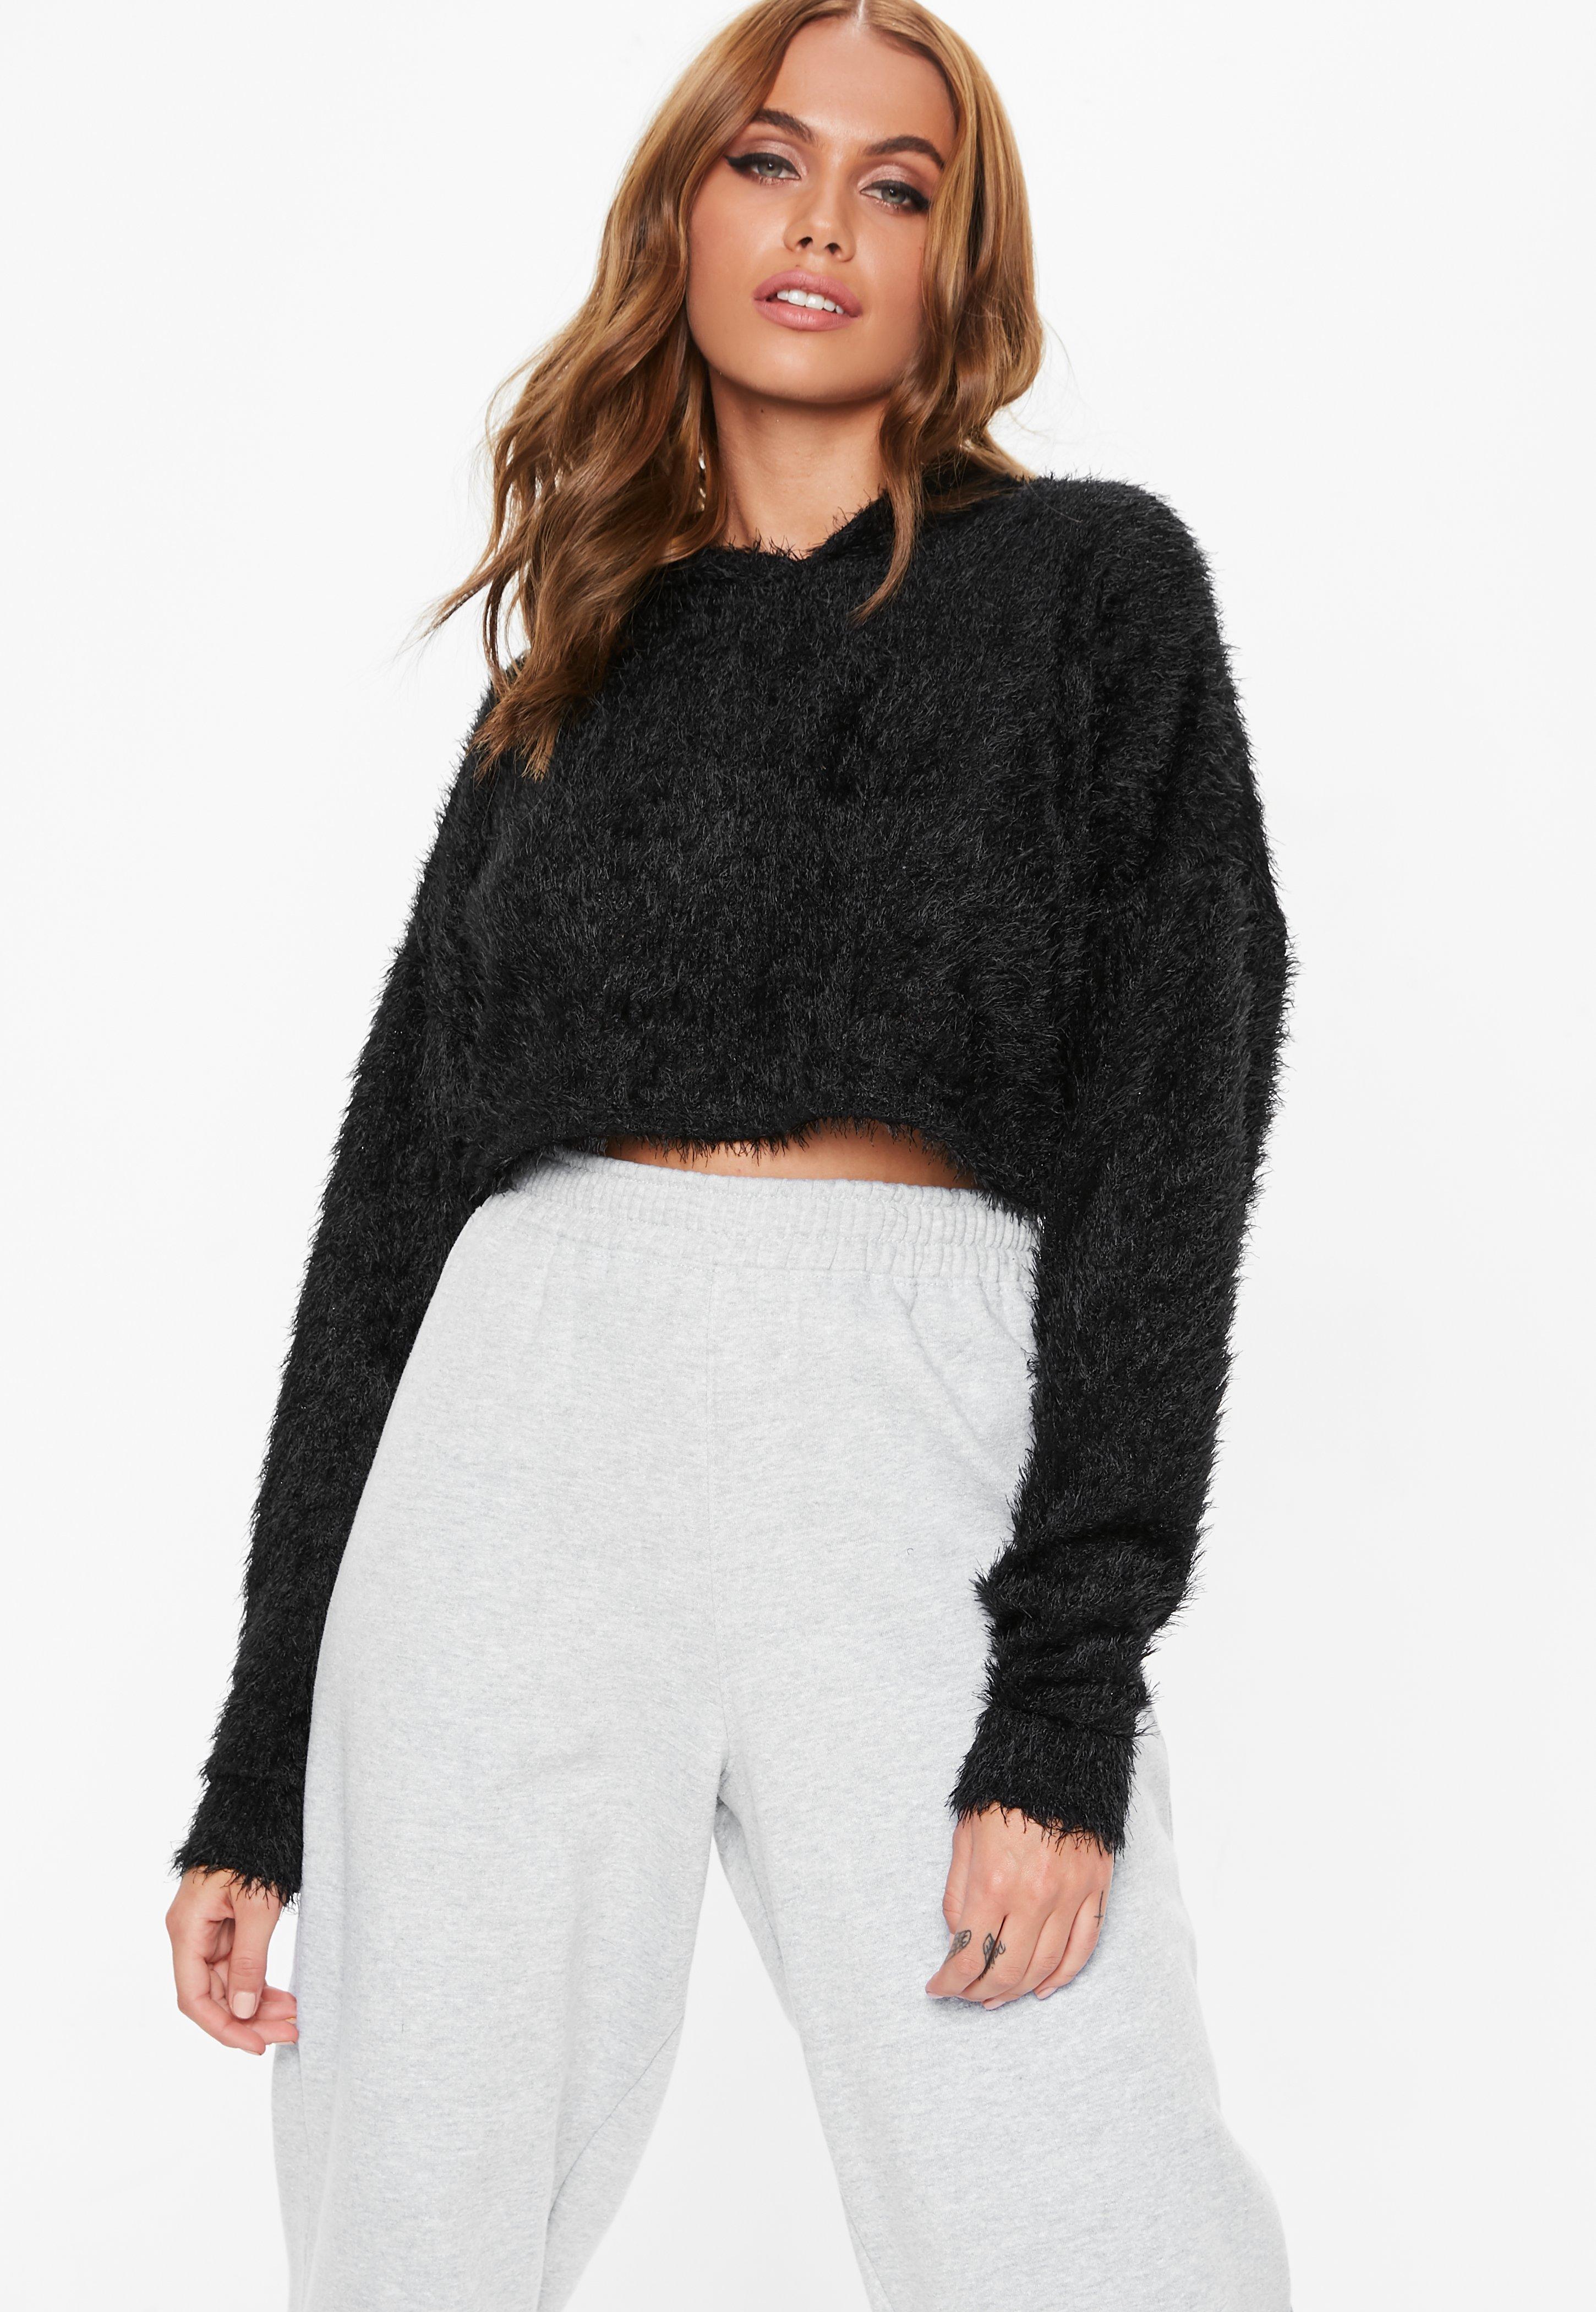 f82ffc36c3768 Cropped Sweaters